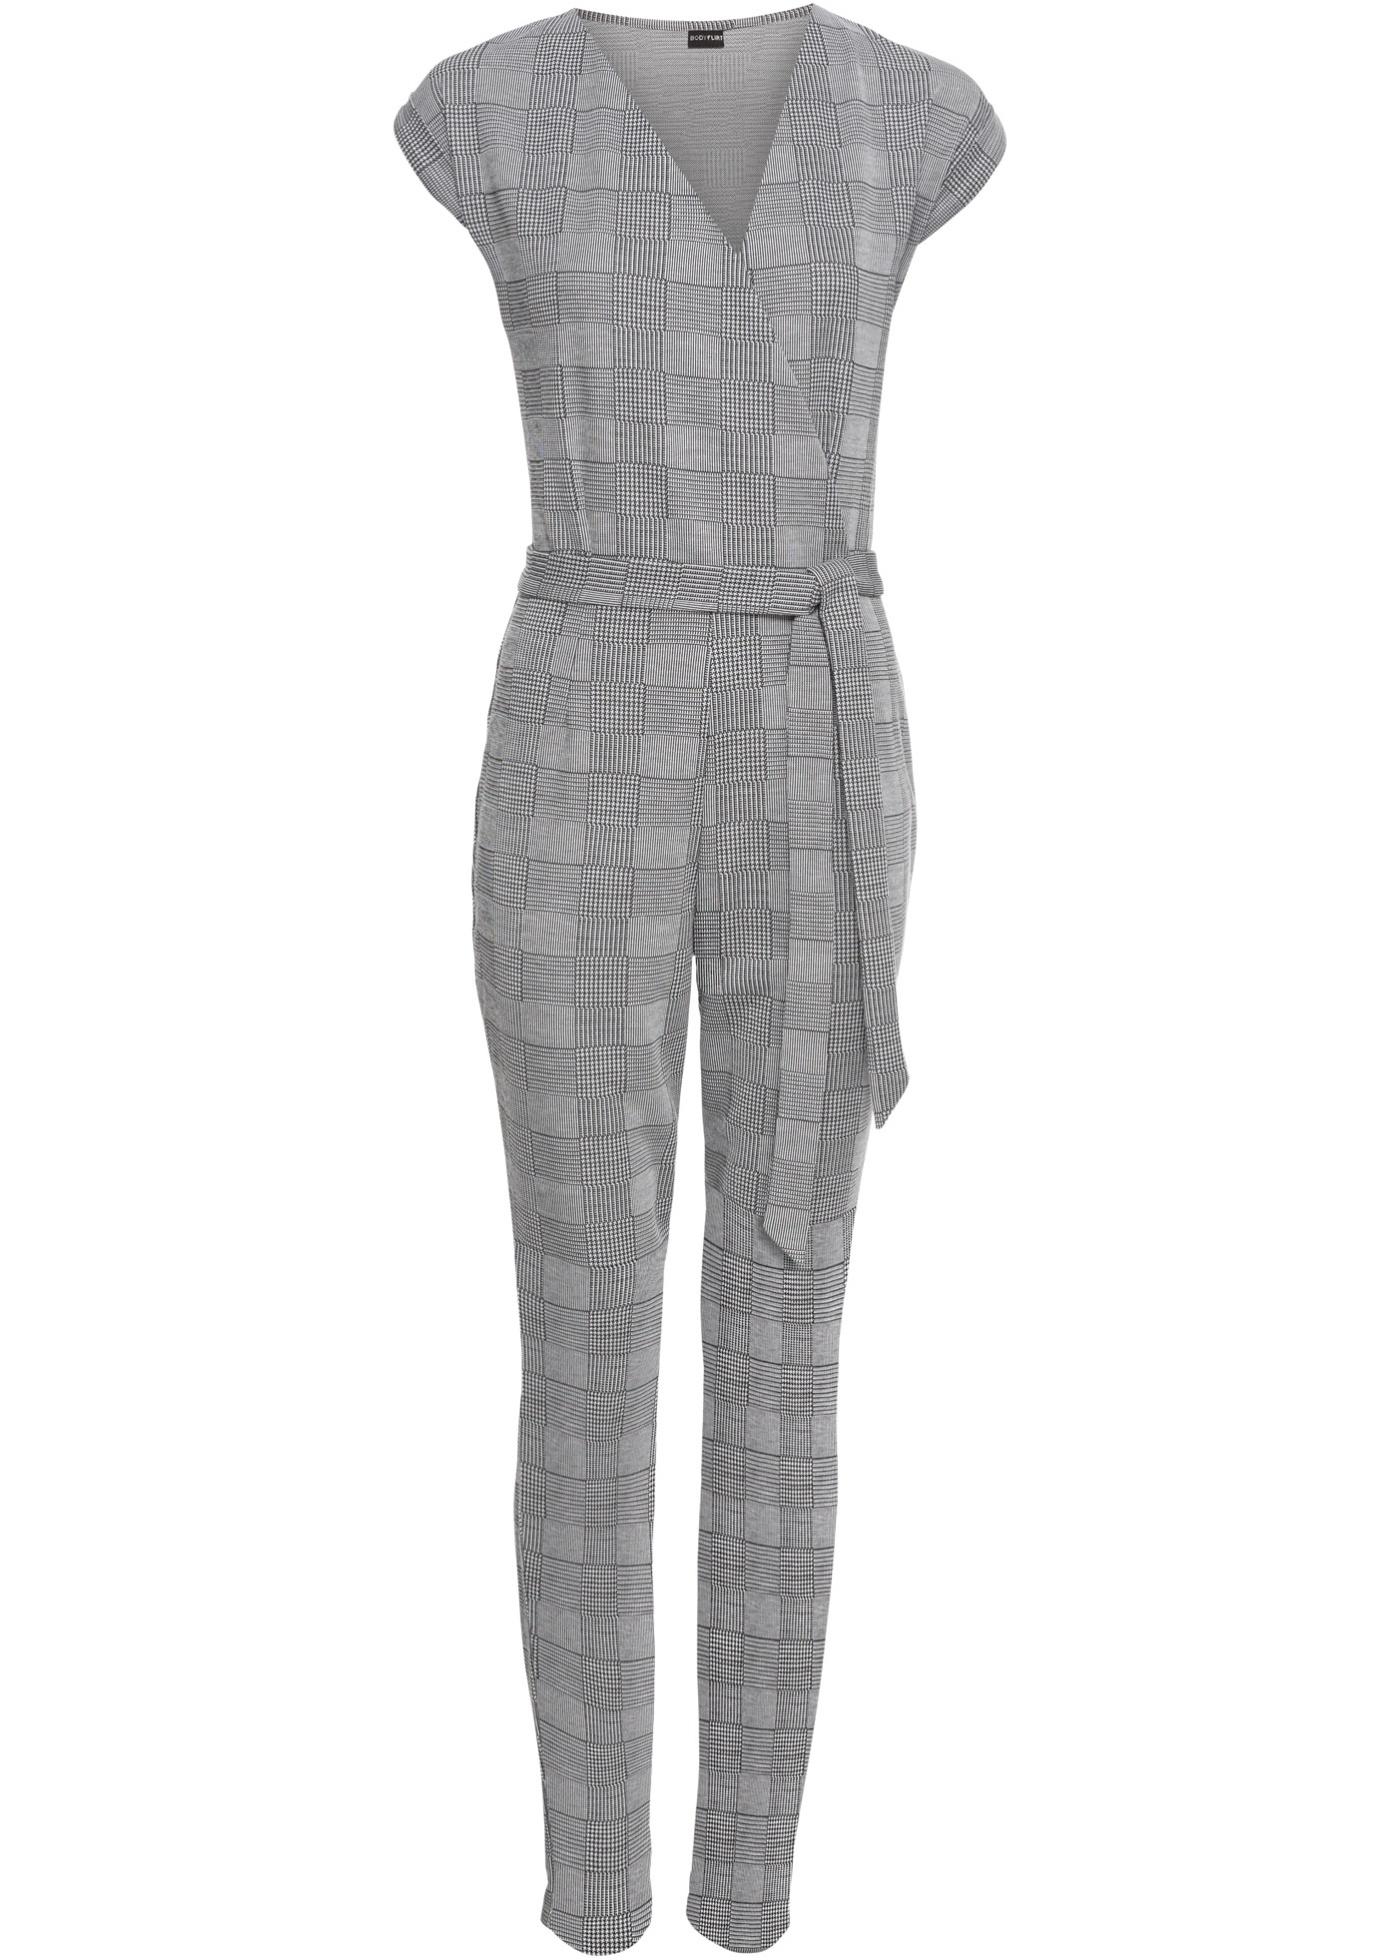 Bonprix SE - Jumpsuit med knytskärp 229.00